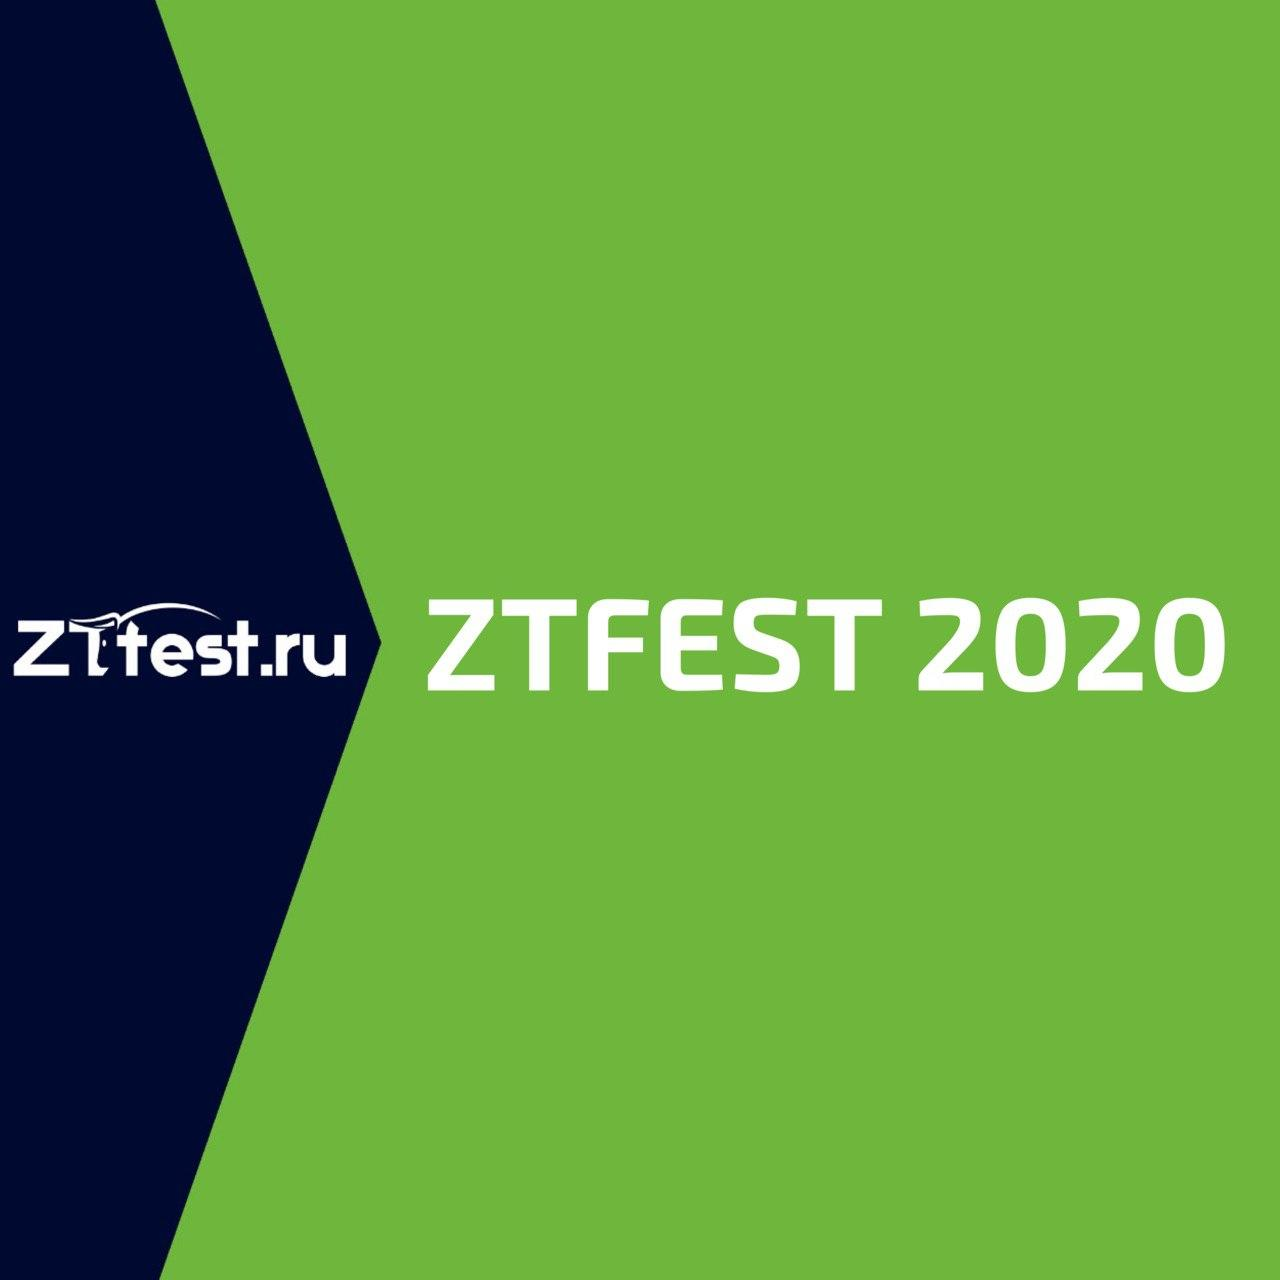 ВСЕ НА ZTFEST 2020